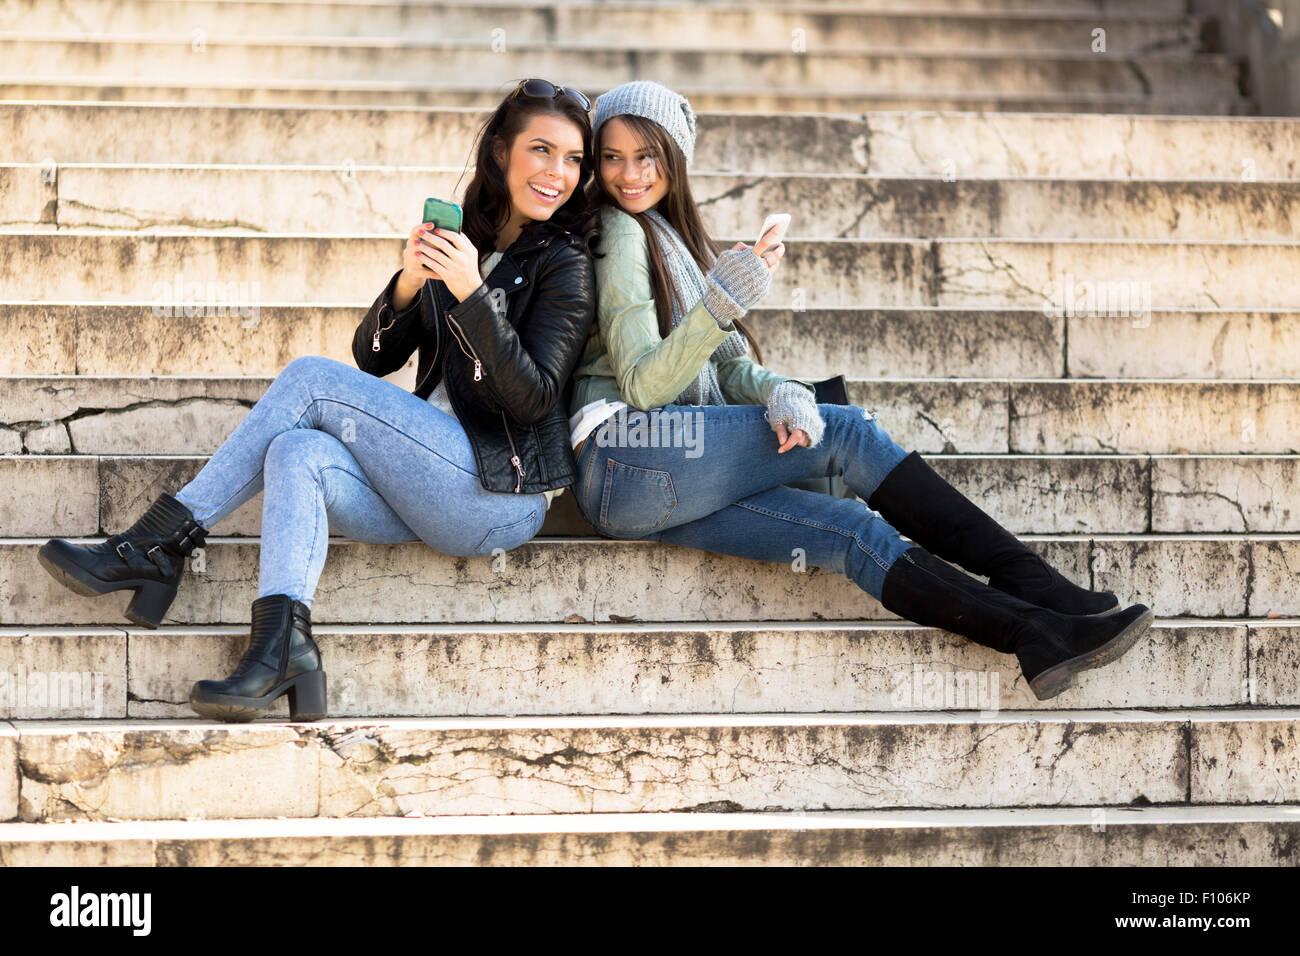 Dos mujeres jóvenes apoyándose unos contra otros en las escaleras y manteniendo los teléfonos celulares Foto de stock